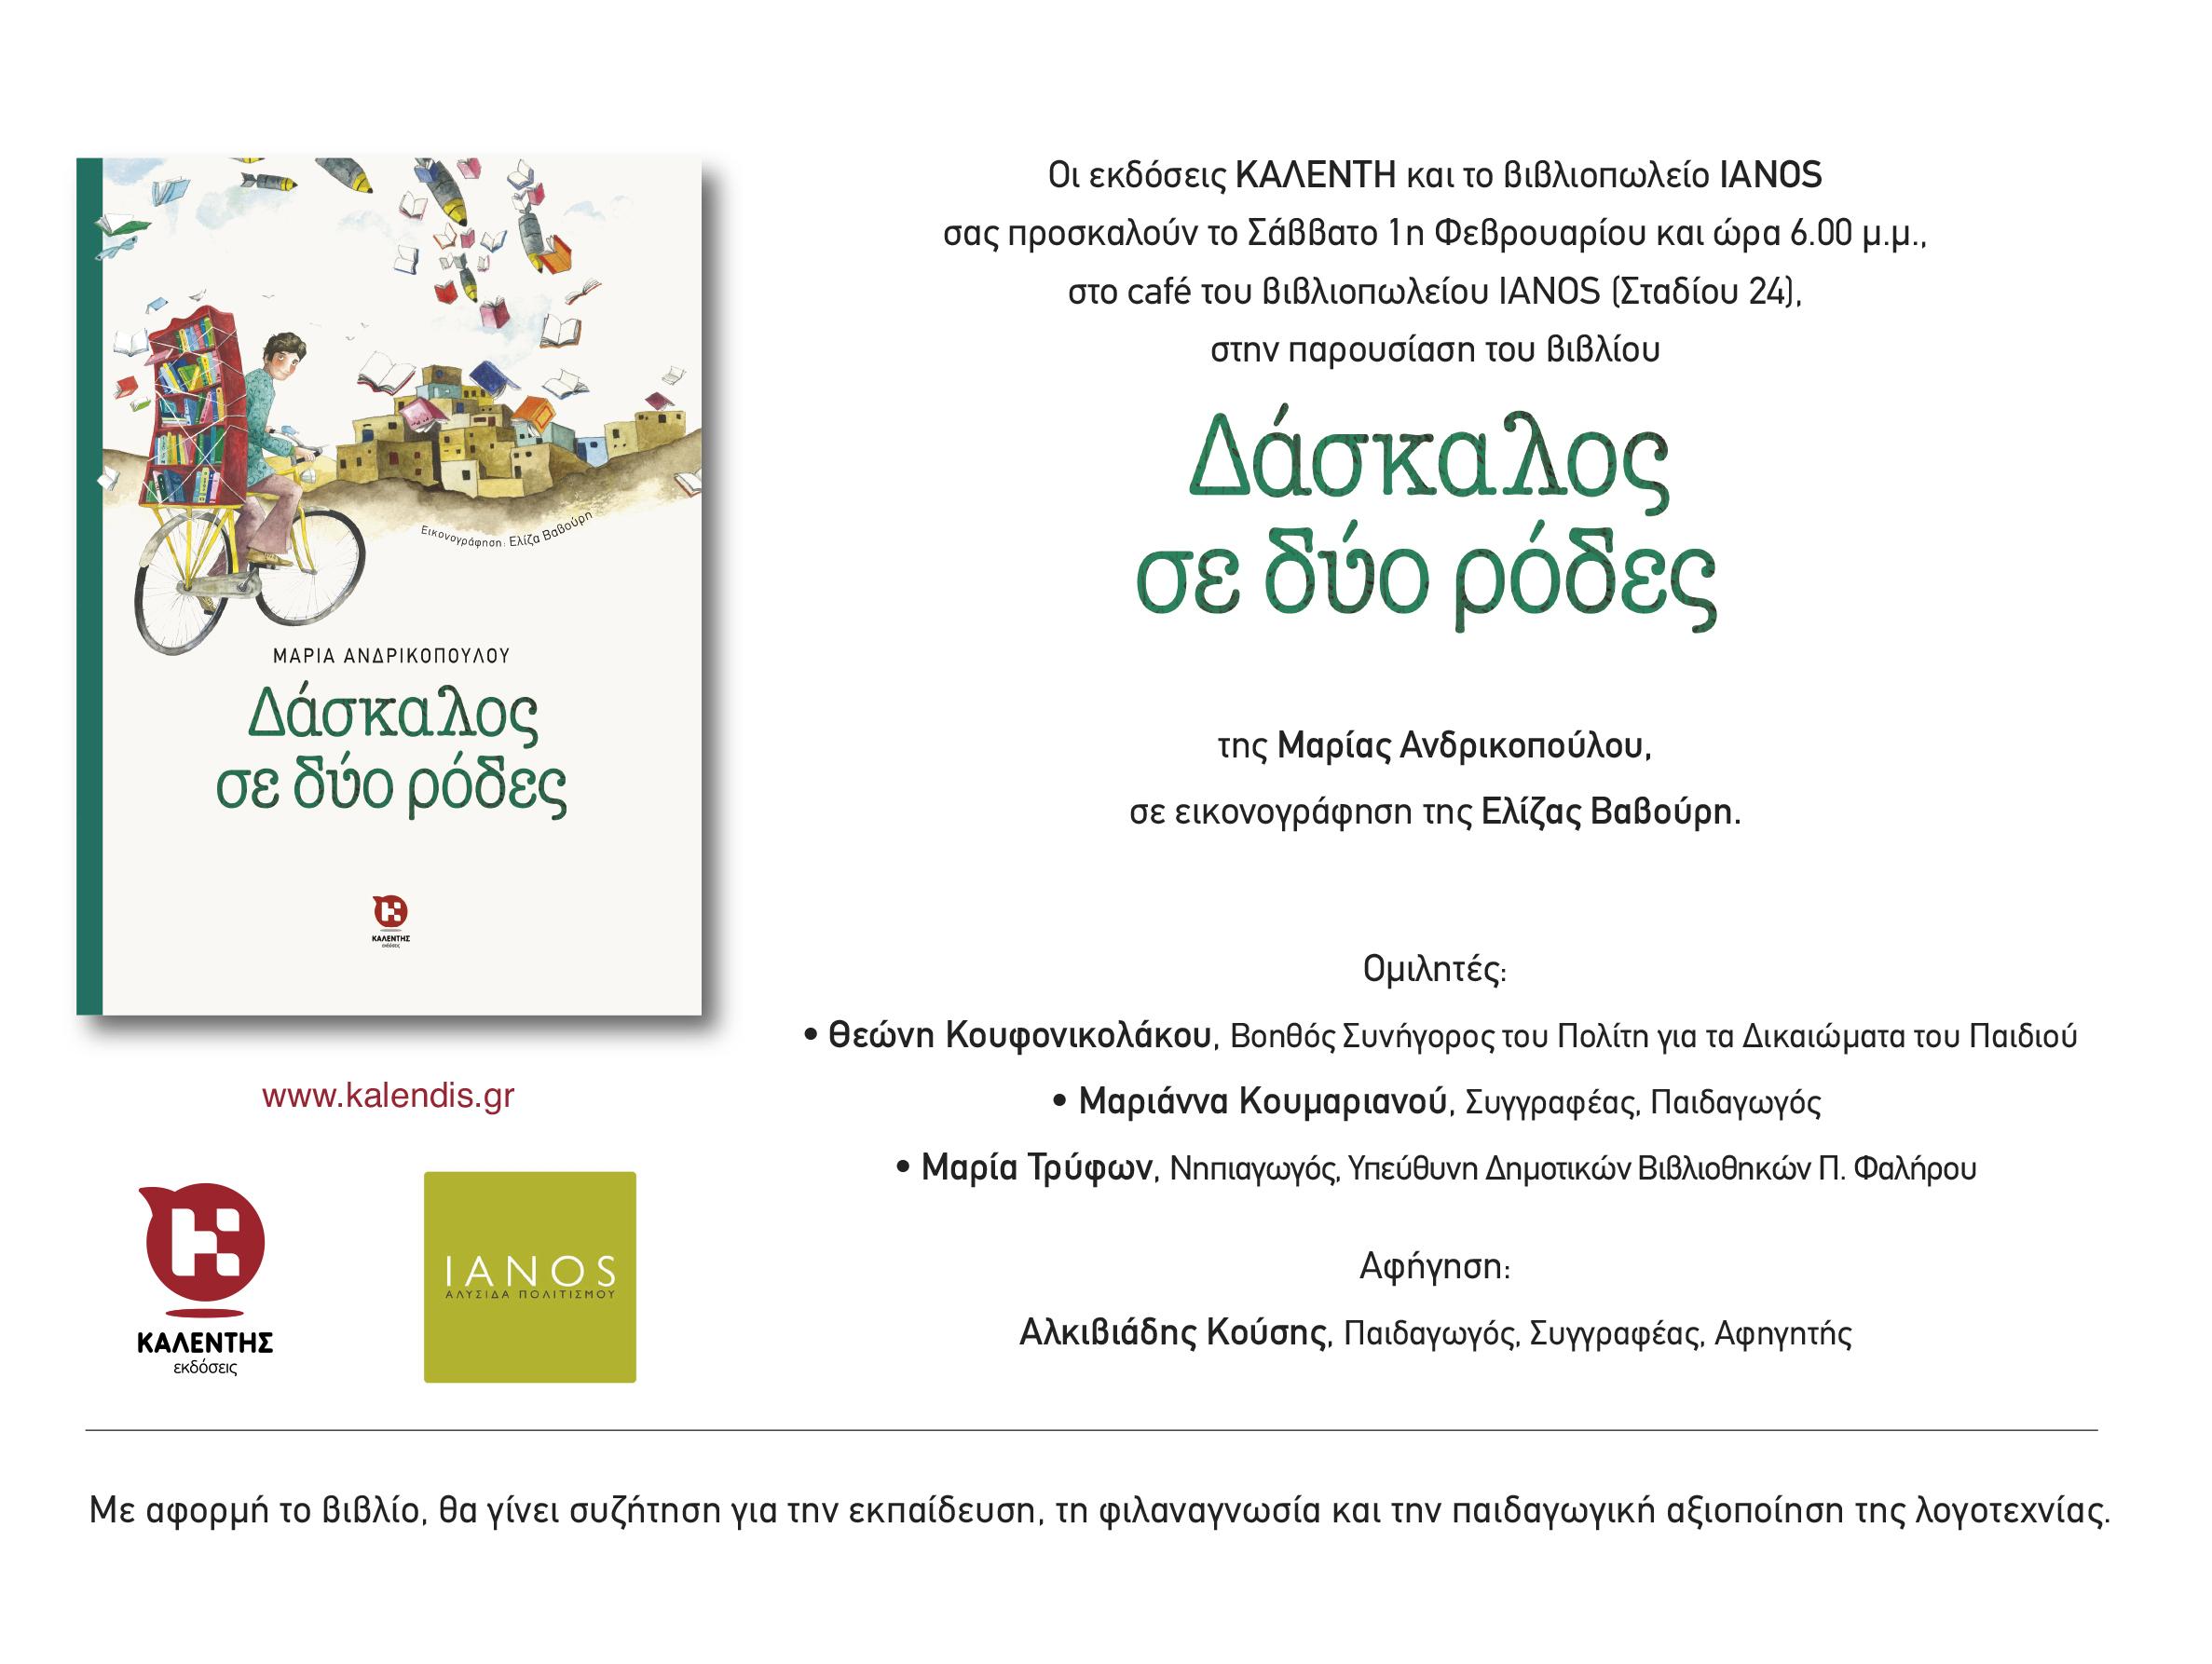 Παρουσίαση του βιβλίου «Δάσκαλος σε δύο ρόδες» της Μαρίας Ανδρικοπούλου στο café του βιβλιοπωλείου IANOS (Σταδίου 24